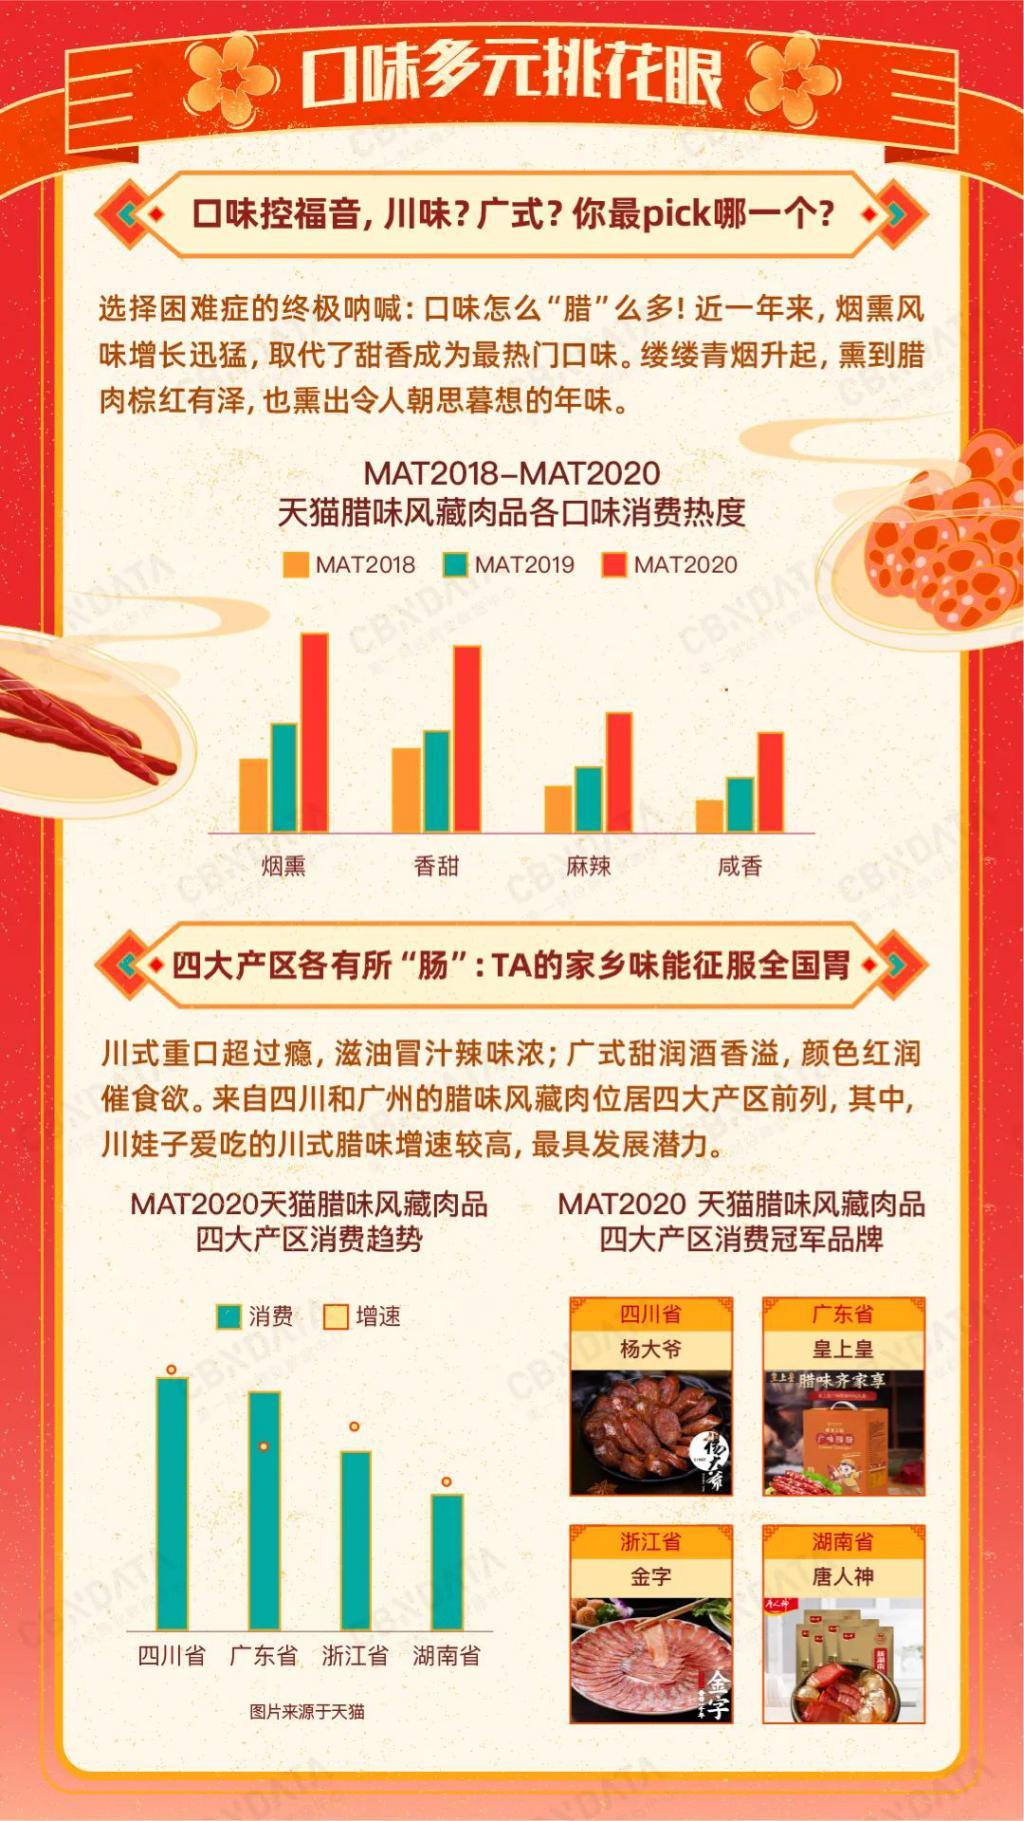 舌尖上的腊味:风藏肉品五大消费关键词,看腊味消费新变化|CBNData报告